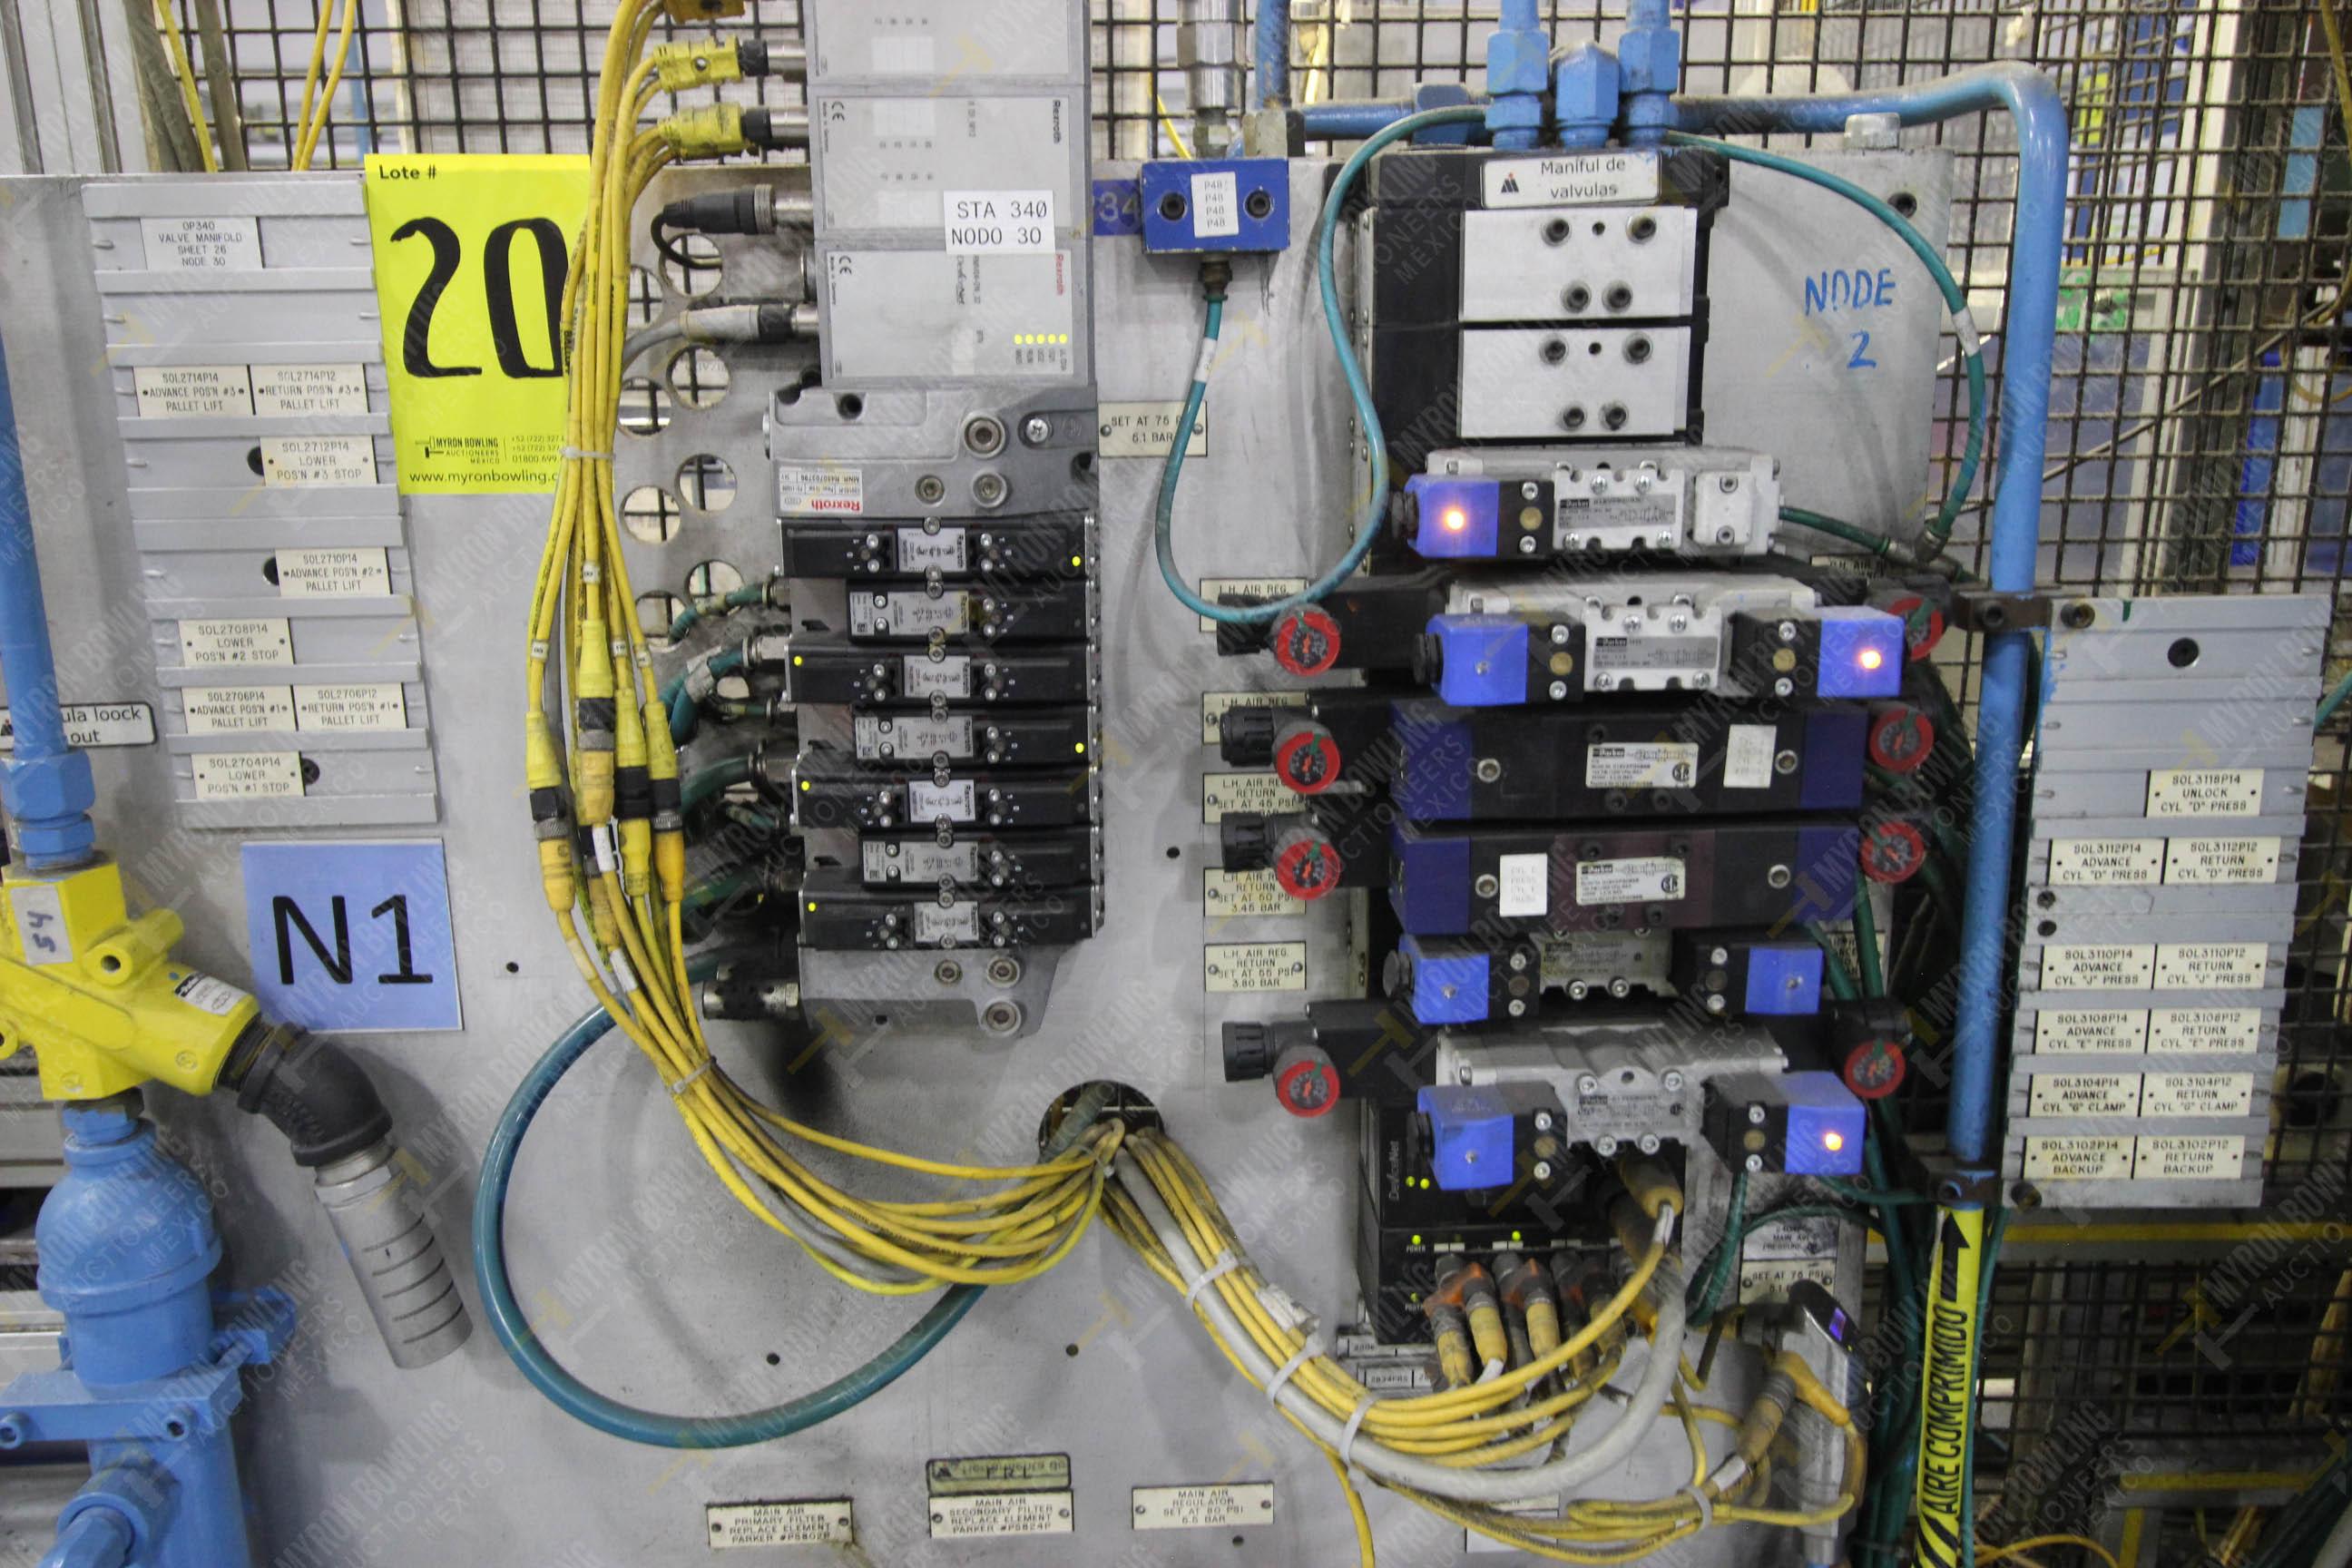 Estación semiautomática para operación 340, contiene: Prensa en estructura de placa de acero - Image 19 of 32